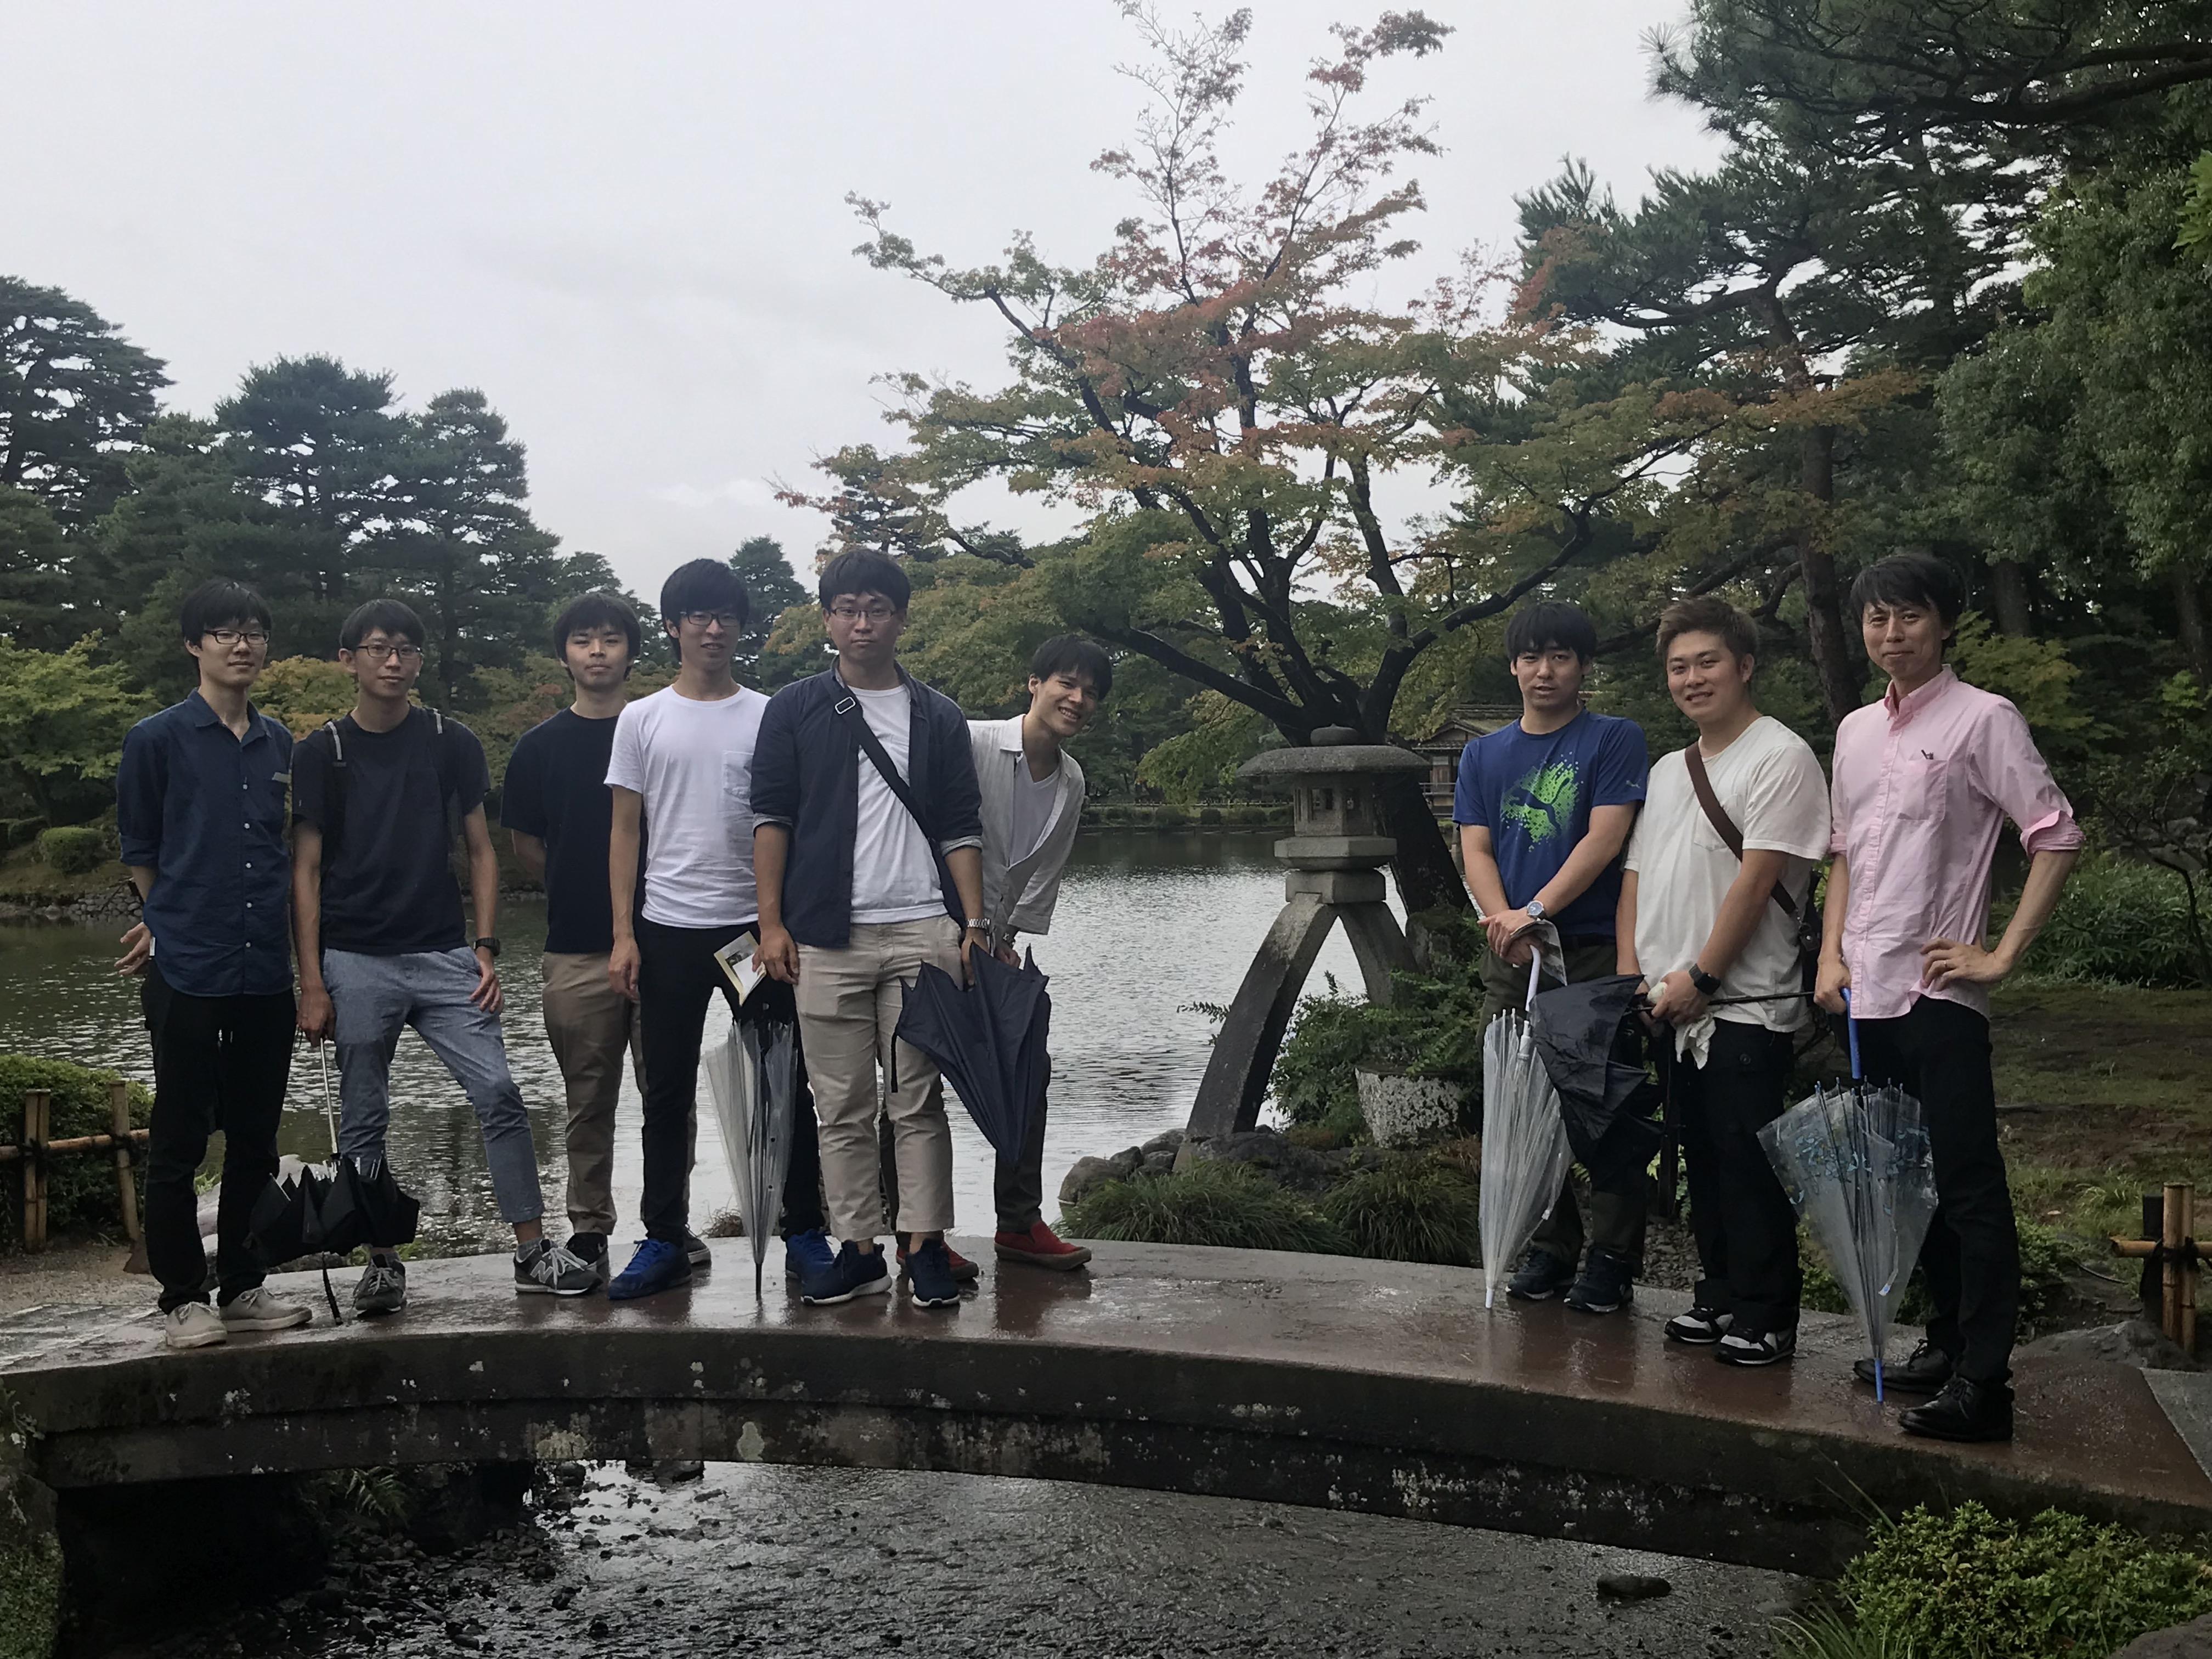 2018年ゼミ旅行は金沢に行きました。